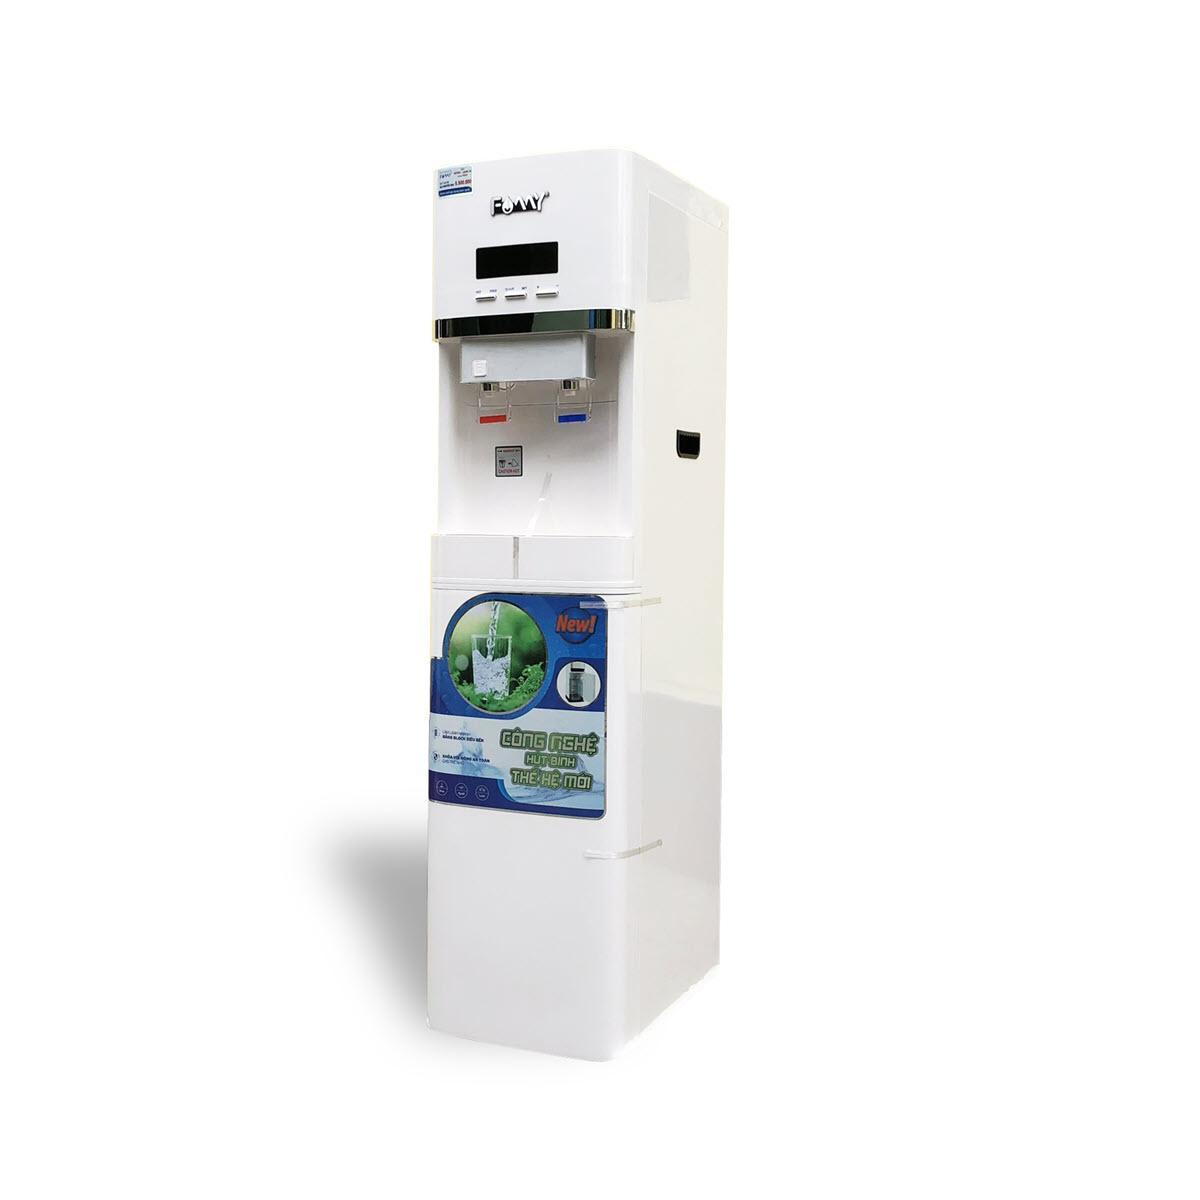 Cây nước nóng lạnh hút bình FAMY FA02 tiện dụng cho văn phòng, công sở